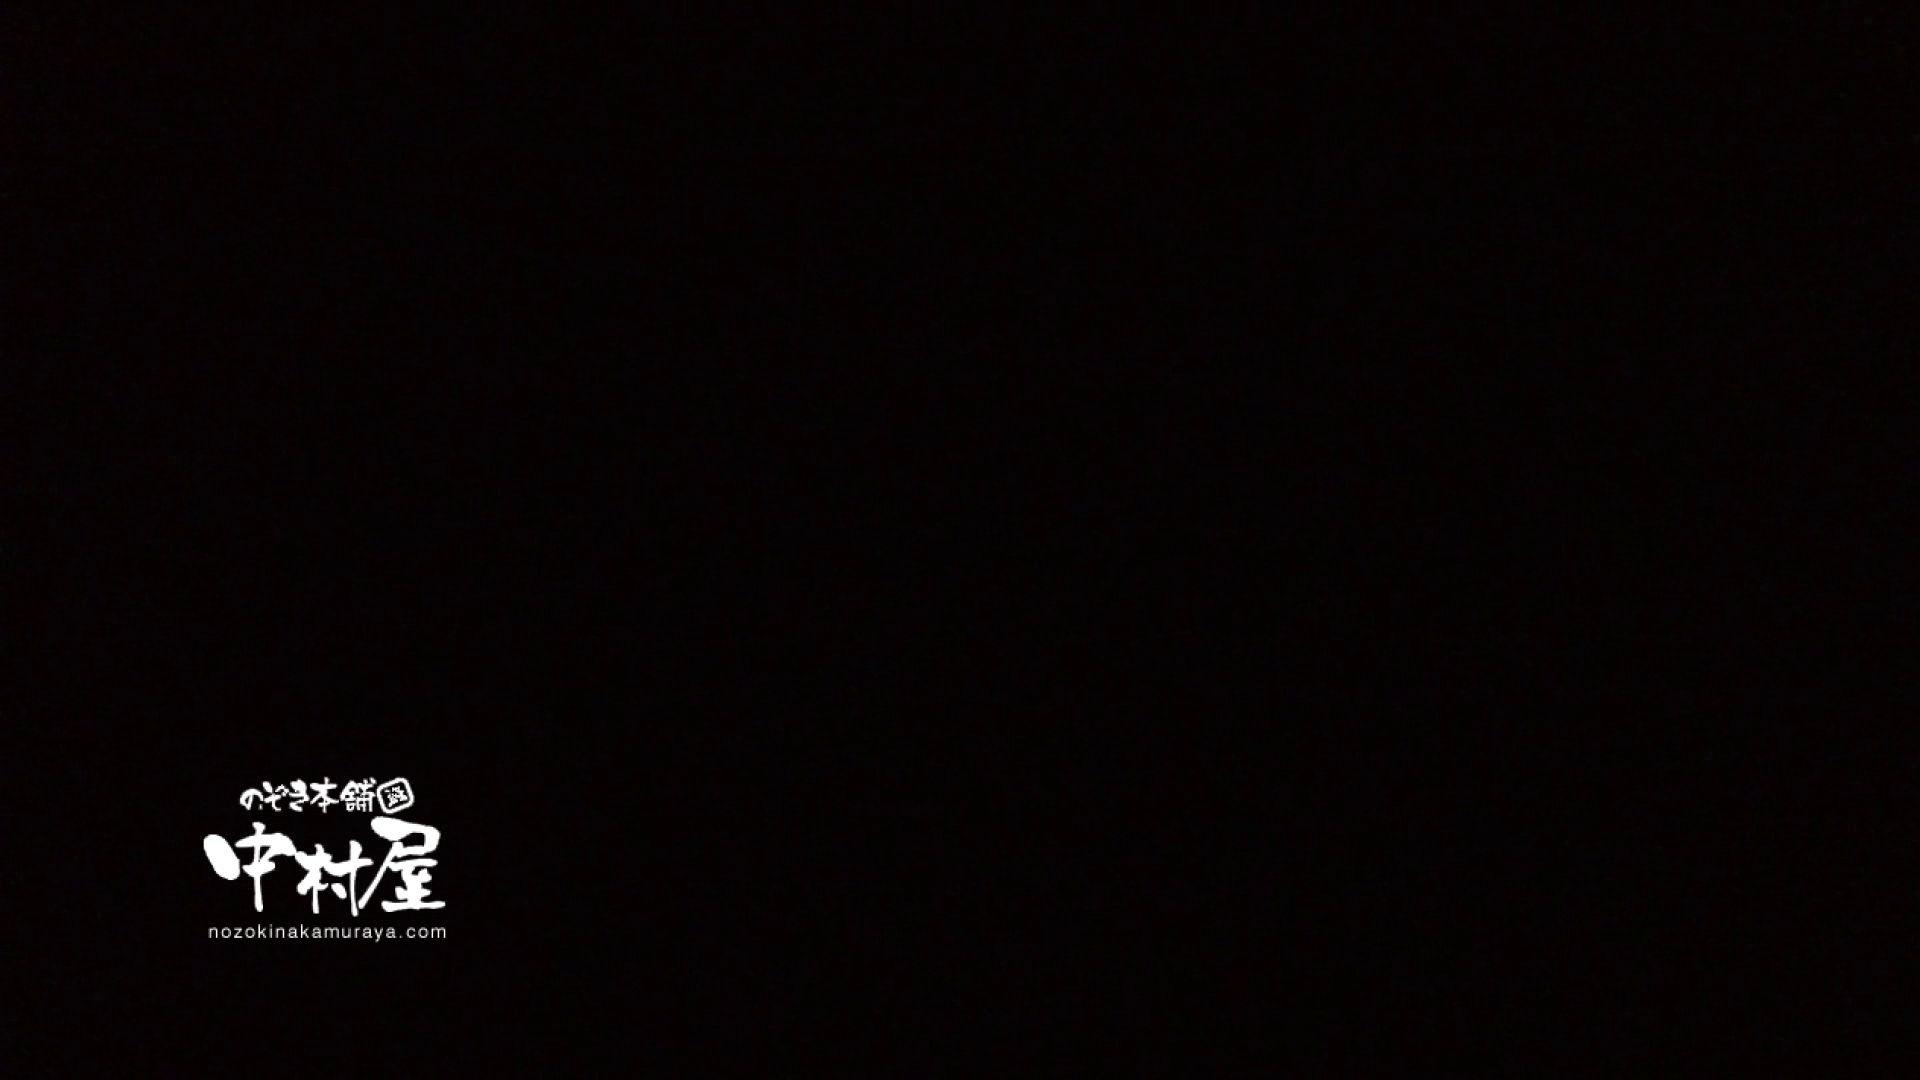 鬼畜 vol.10 あぁ無情…中出しパイパン! 前編 鬼畜   パイパン  61pic 47